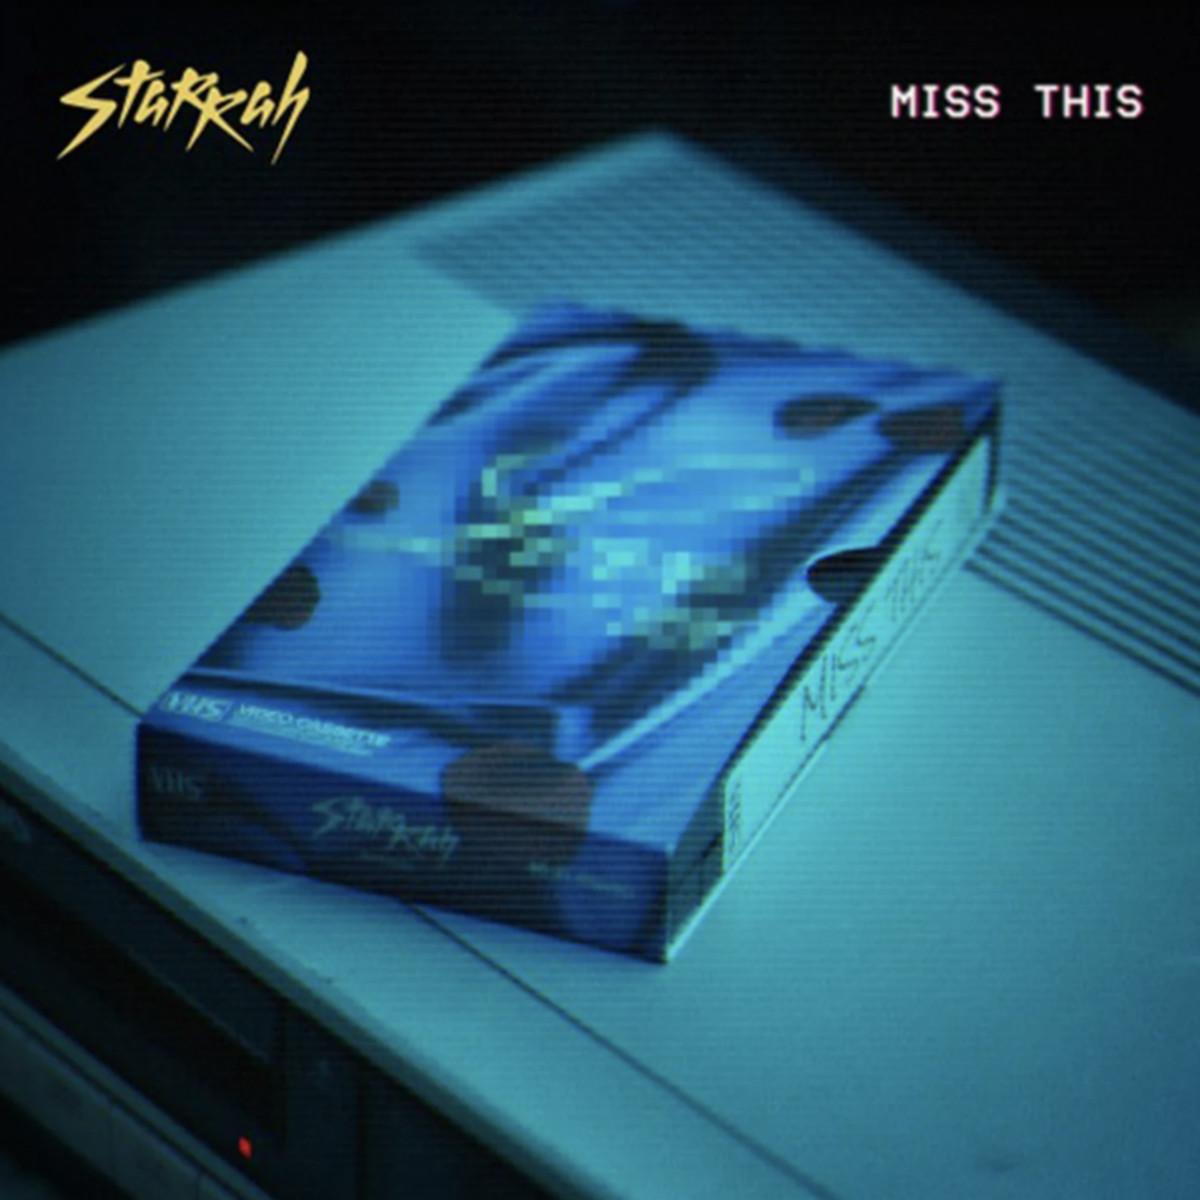 Старра поделилась новым синглом «Miss This»